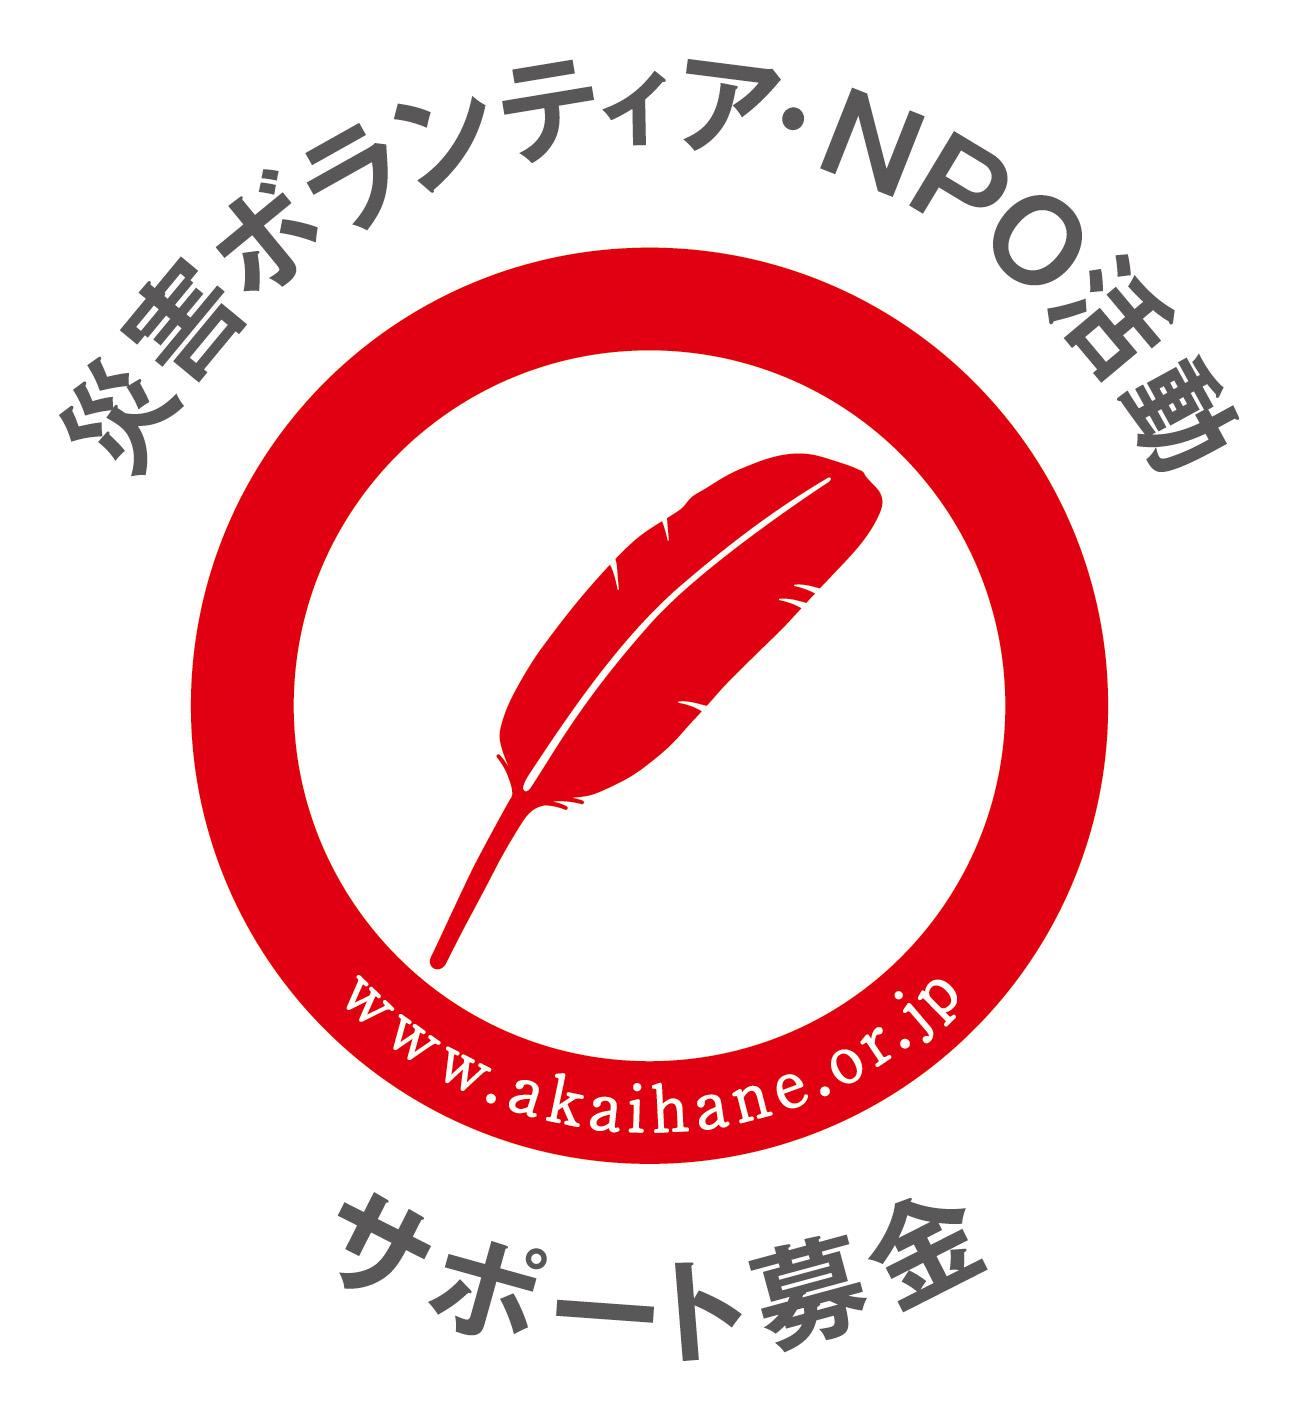 akaihane_vsupport_logo.jpg